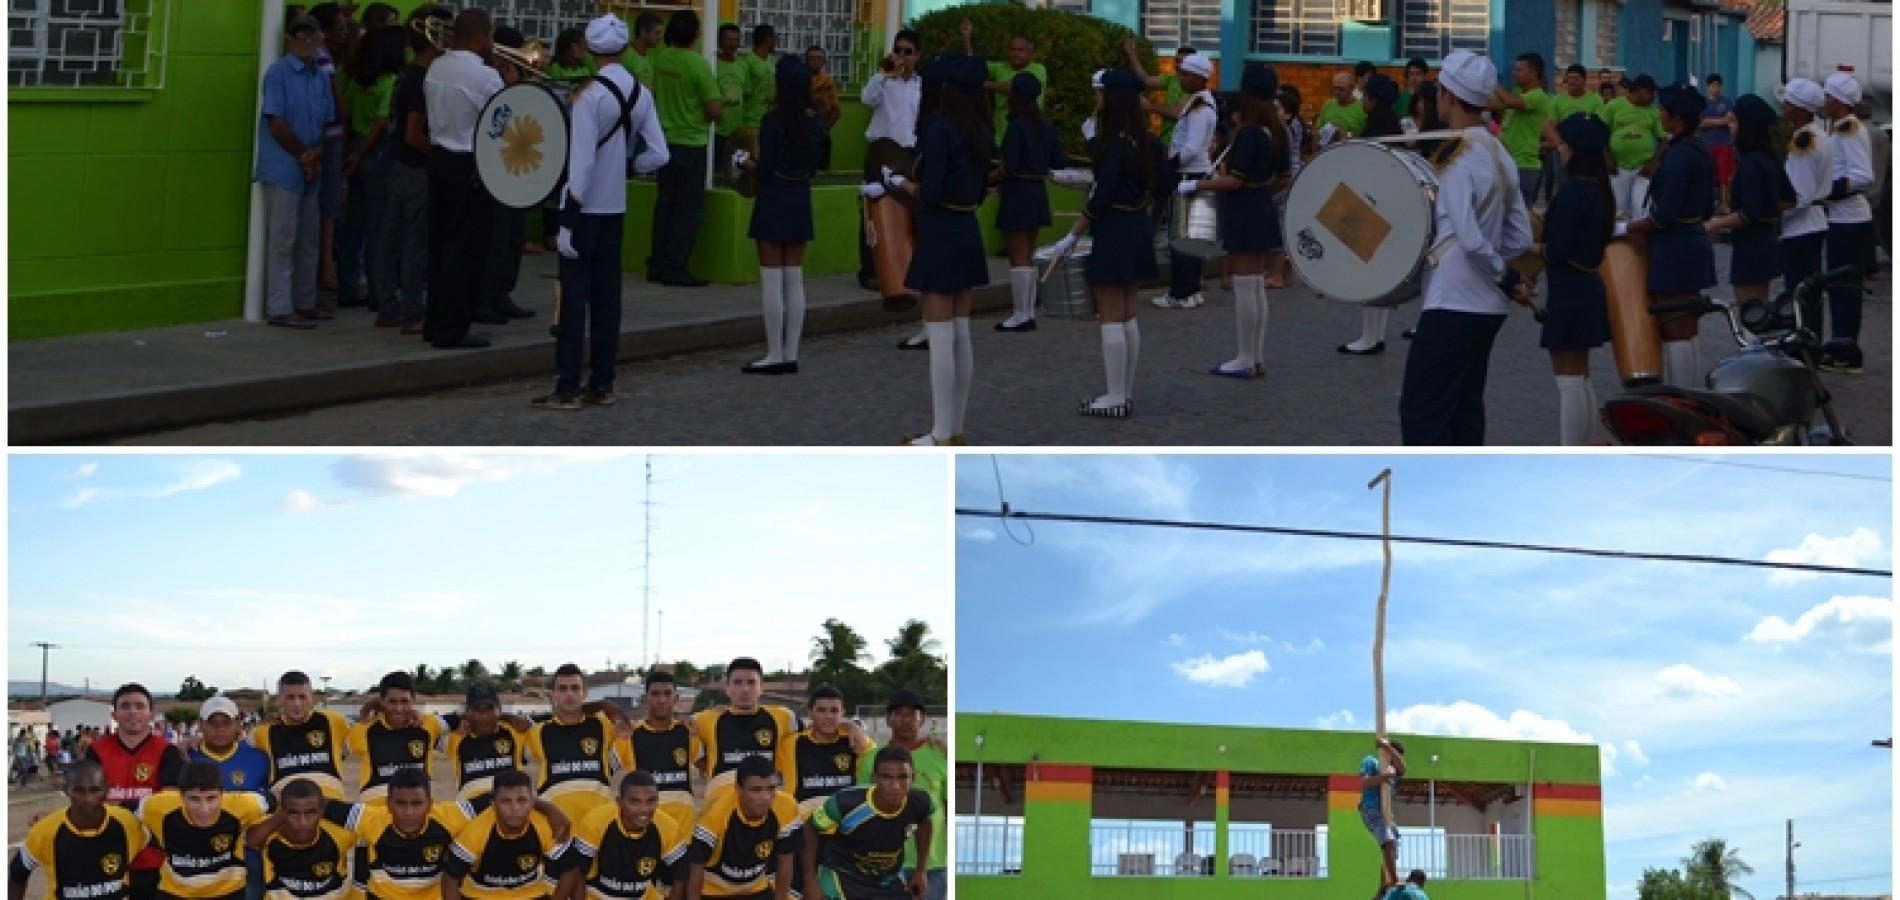 PADRE MARCOS 50 ANOS: Atividades cívicas e esportivas